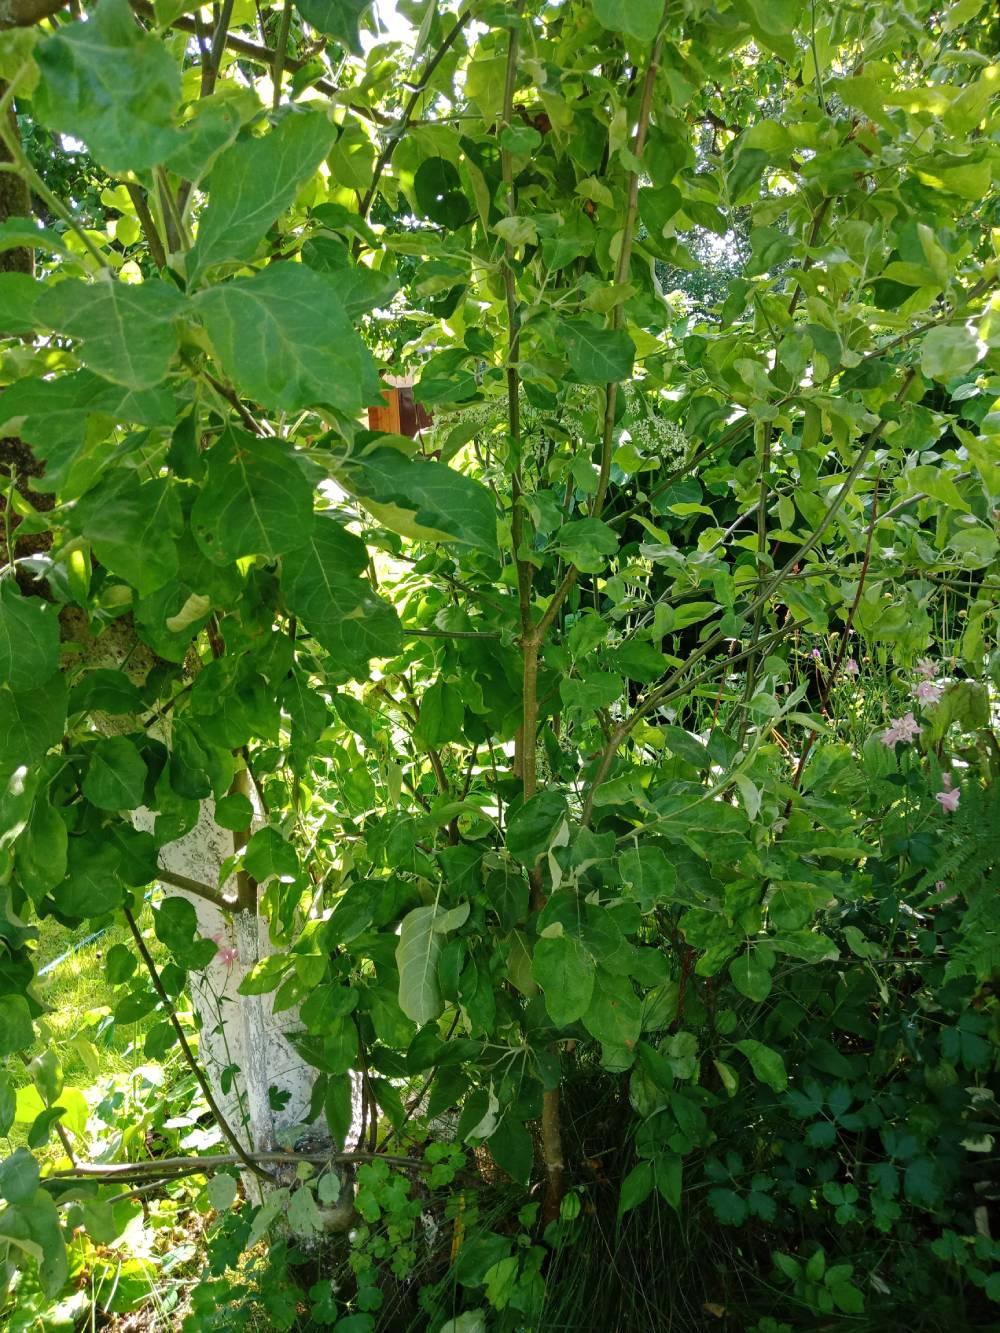 Корневая поросль портит внешний вид и расходует нужные растению питательные вещества.